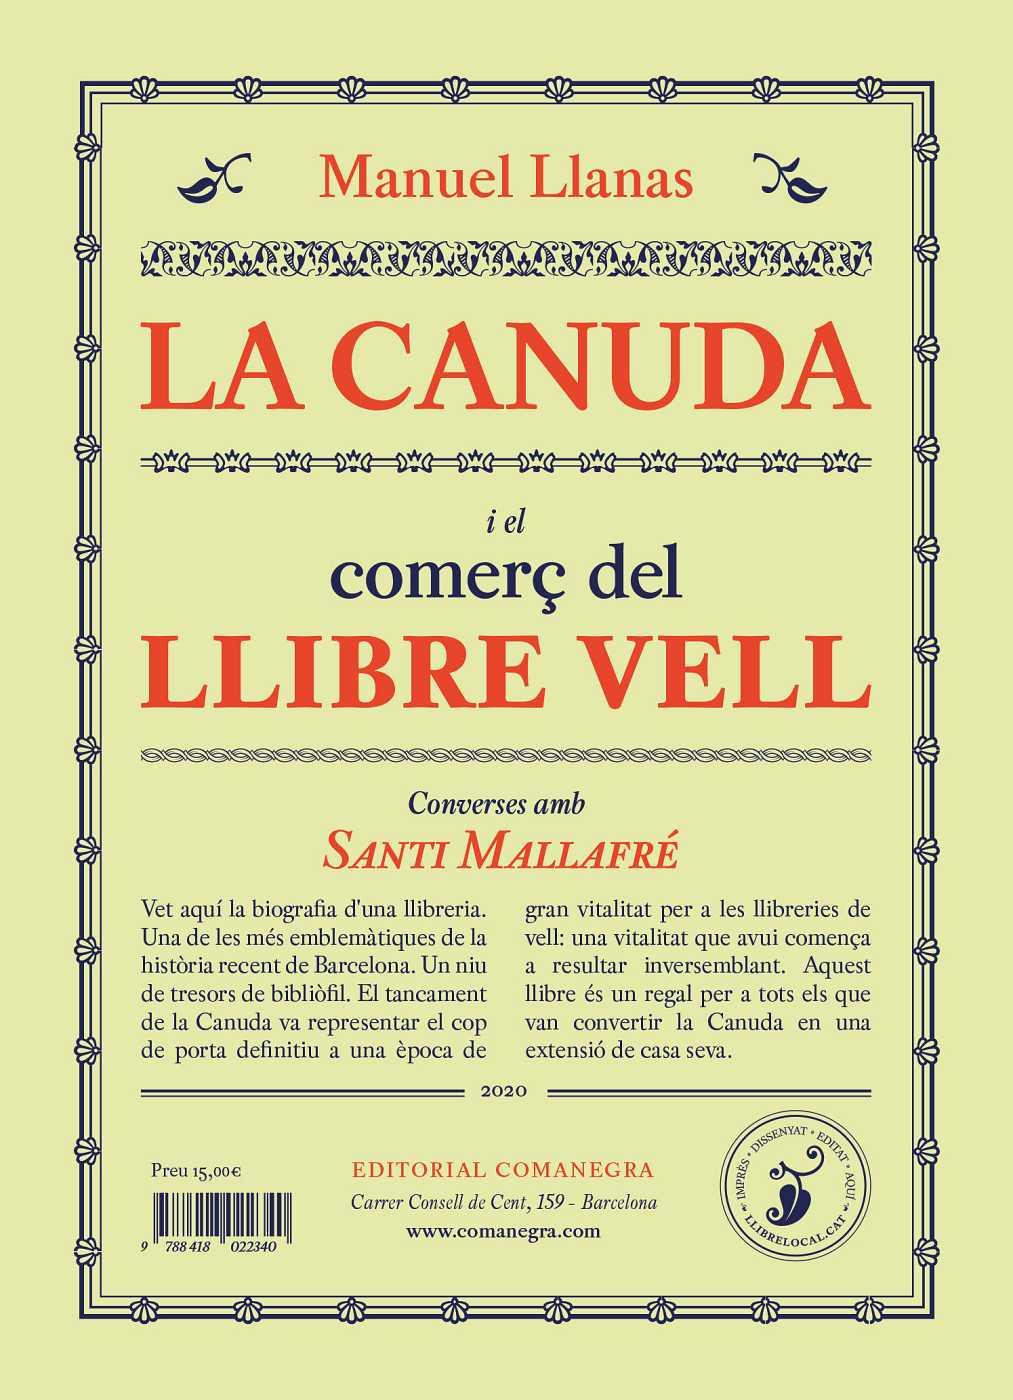 Llibres, Píxels i Valors - 08/08/20 La Canuda